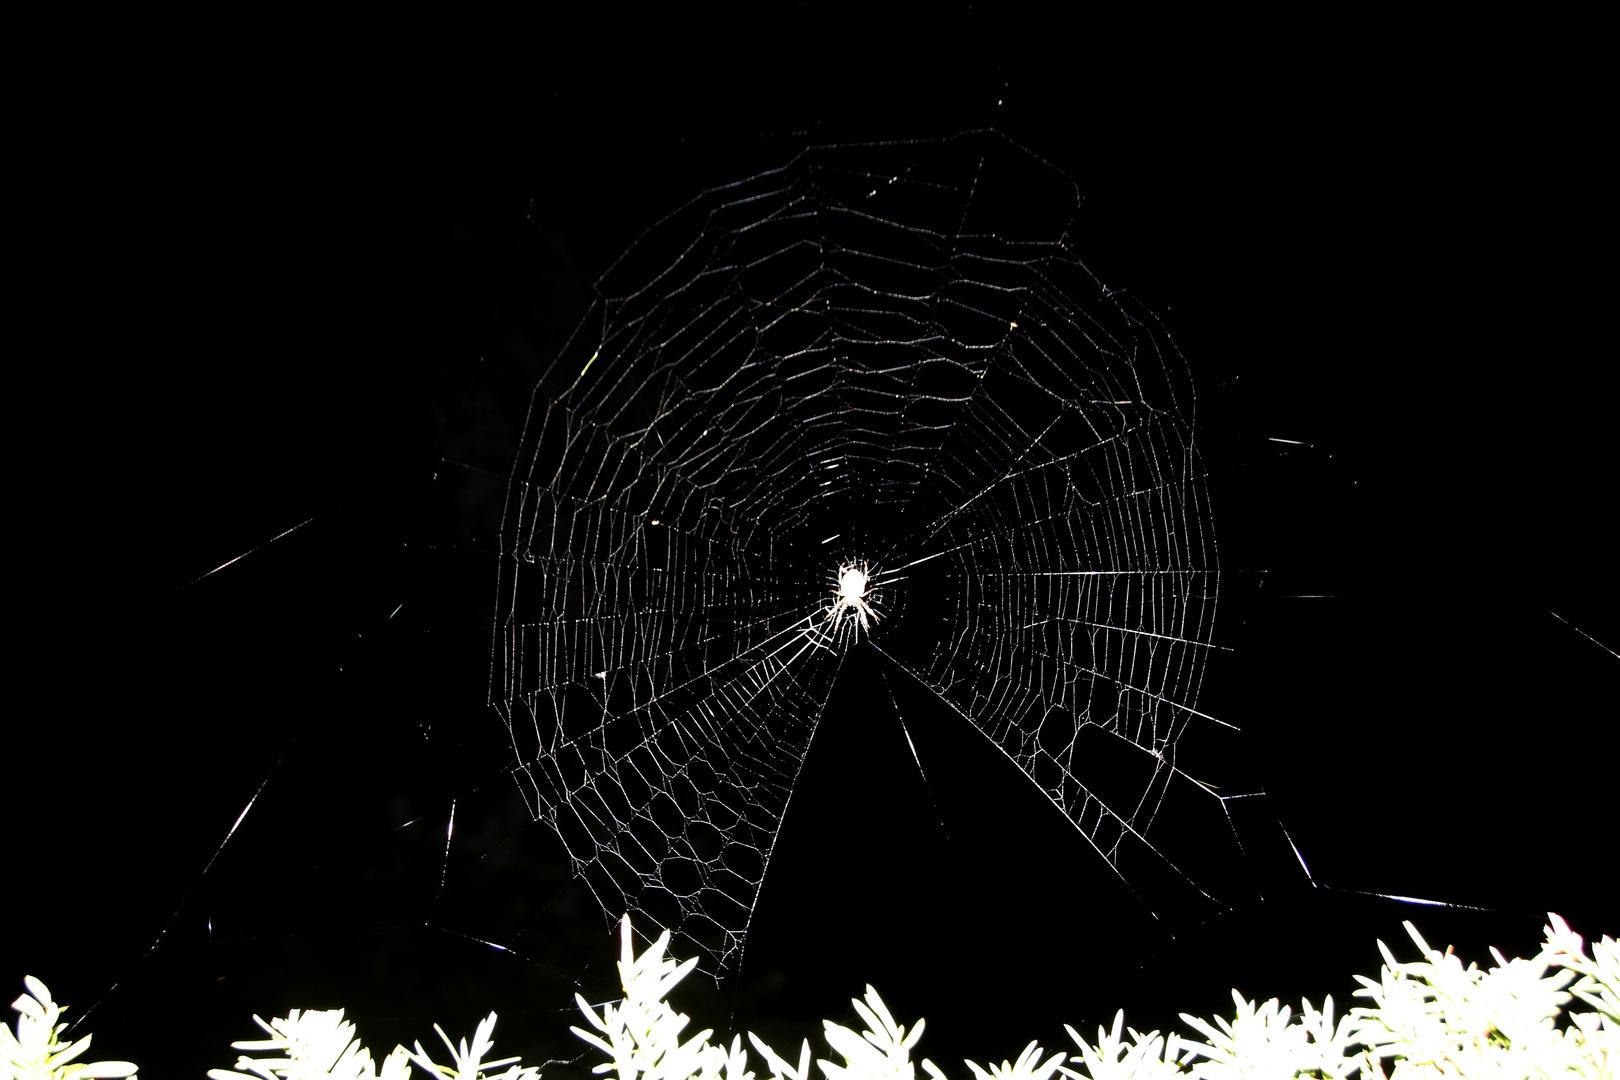 Und zu guter Letzt die Spinne zur Nacht